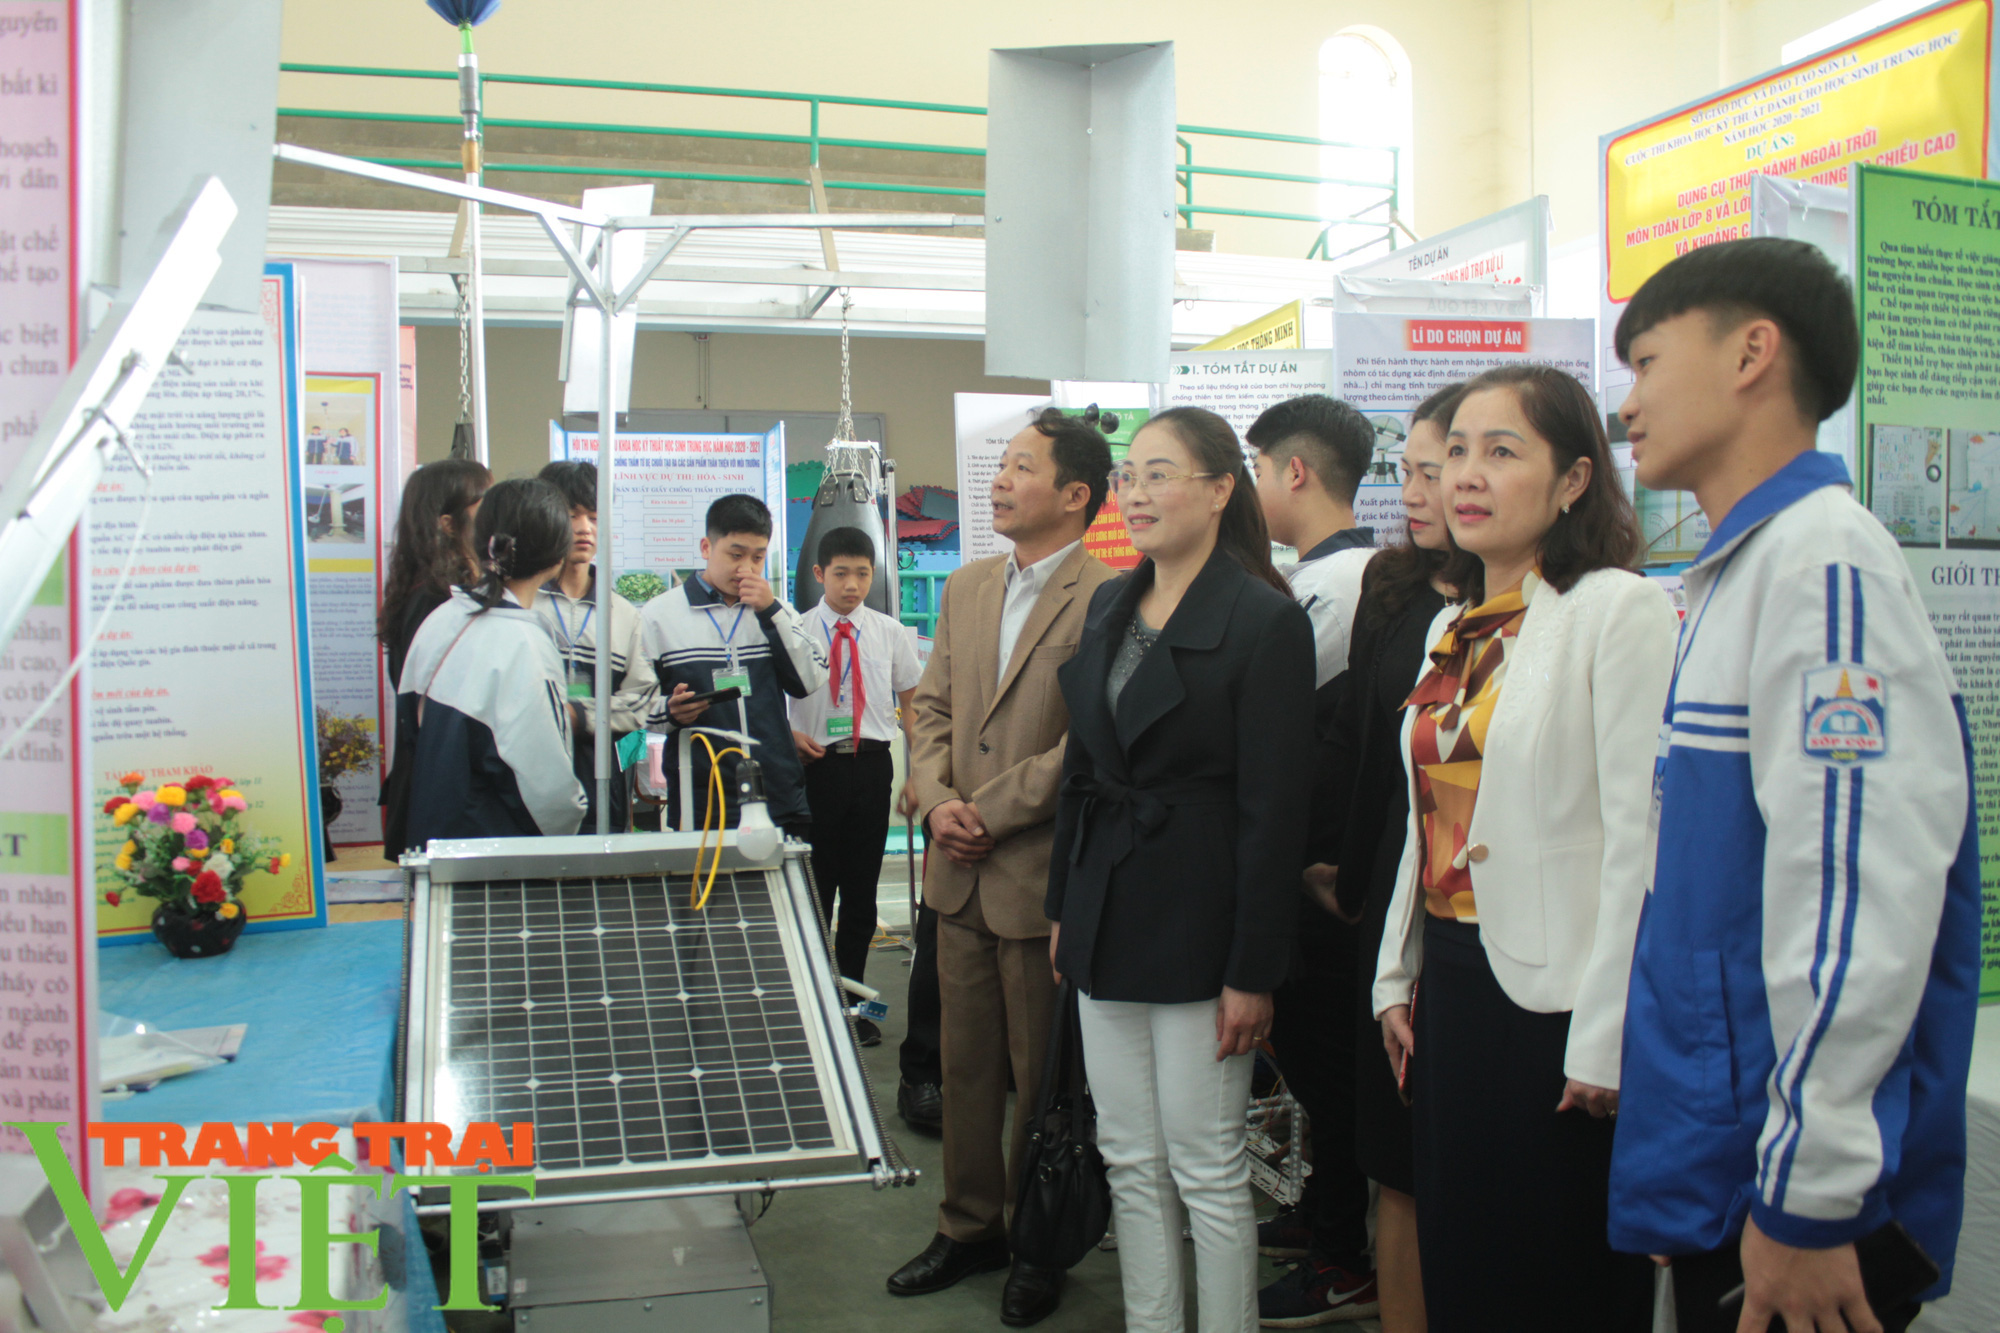 Sơn La: 81 dựa án đoạt giải Cuộc thi khoa học kỹ thuật cấp tỉnh - Ảnh 4.